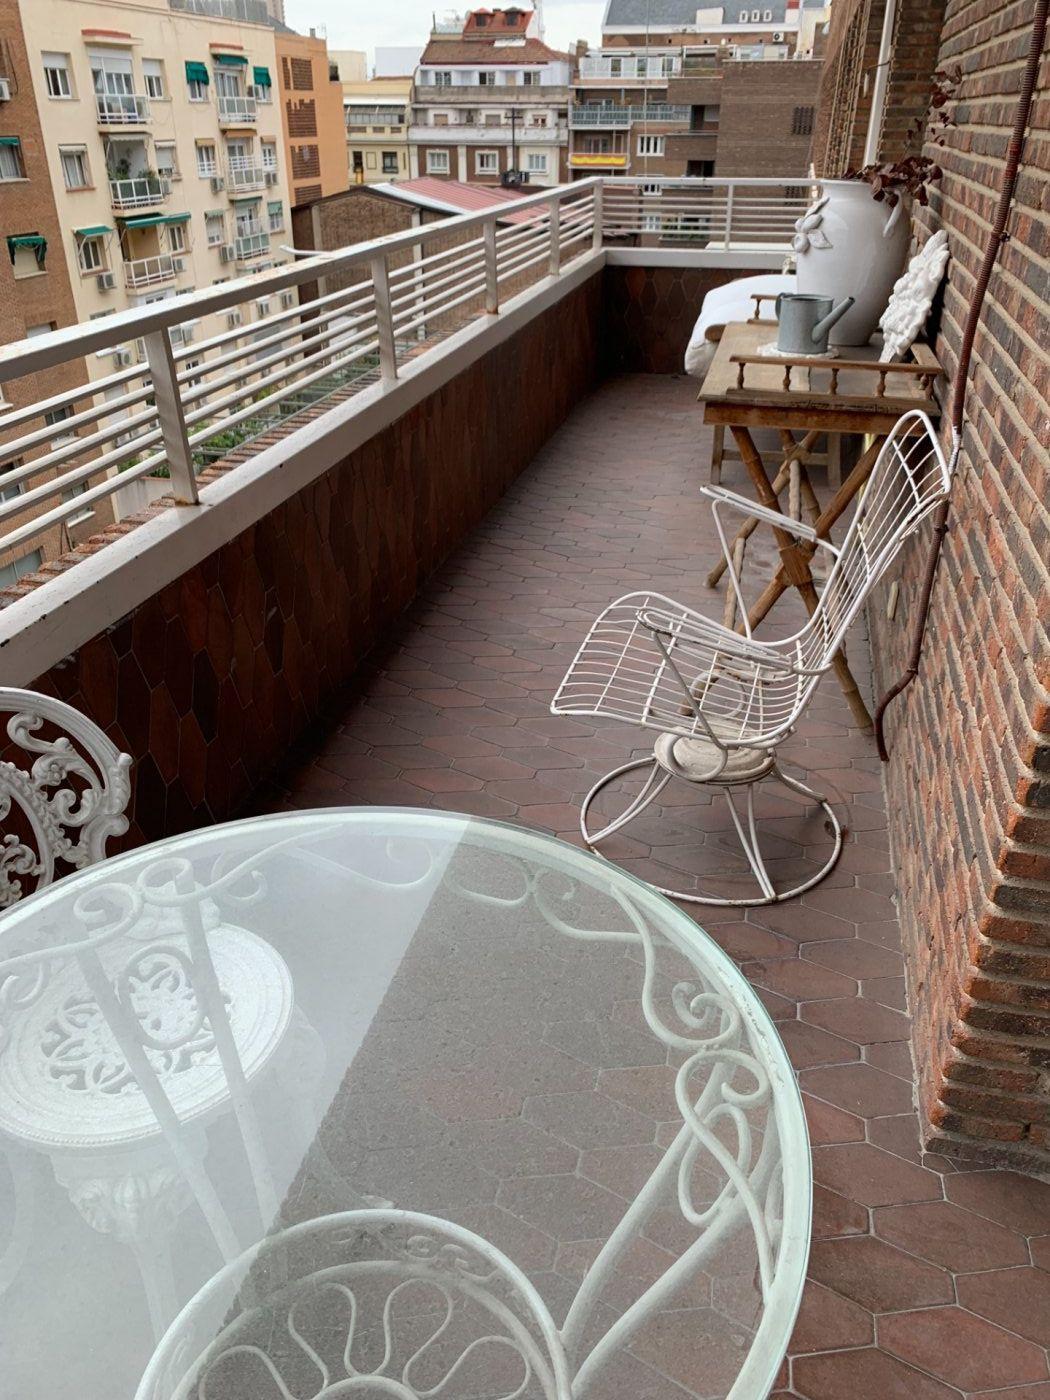 Venta de piso en madrid - imagenInmueble19